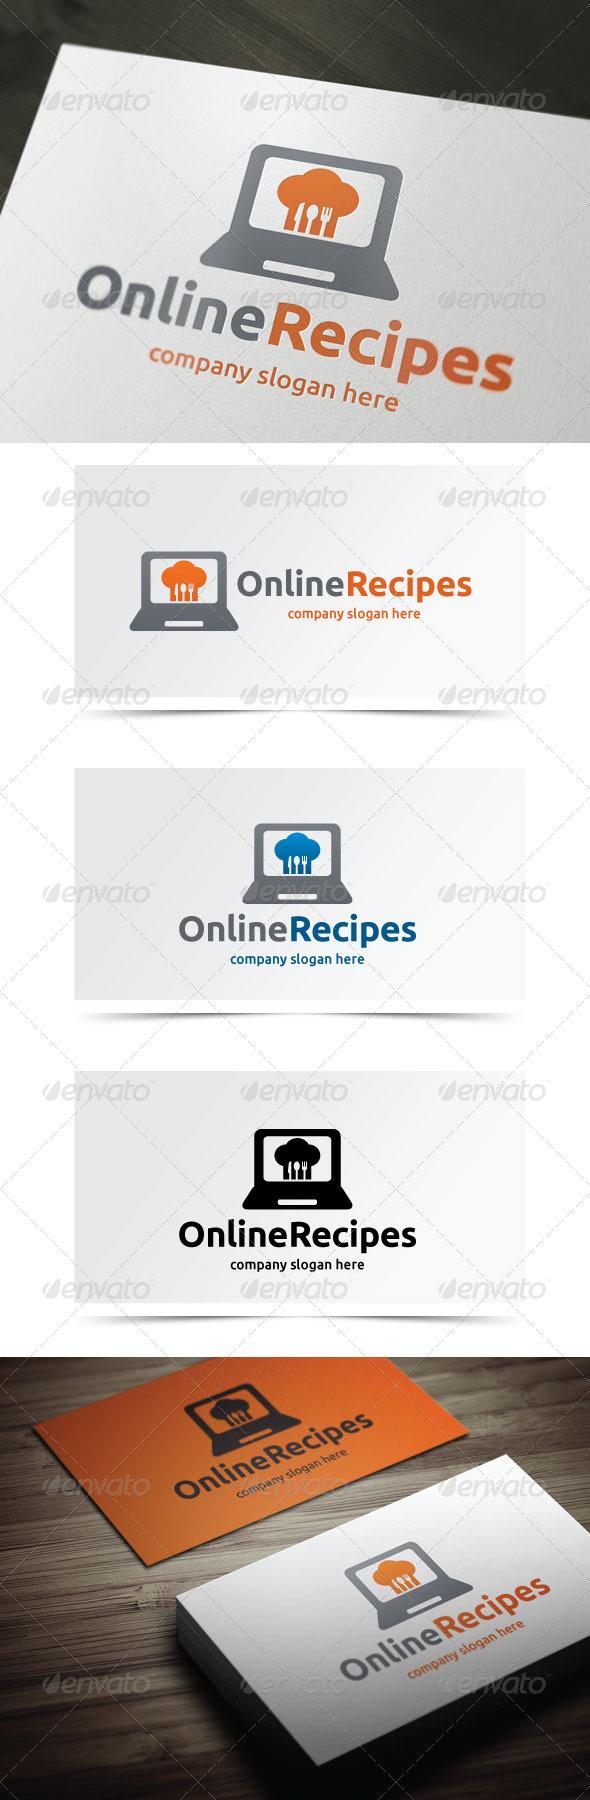 GraphicRiver Online Recipes 5524105